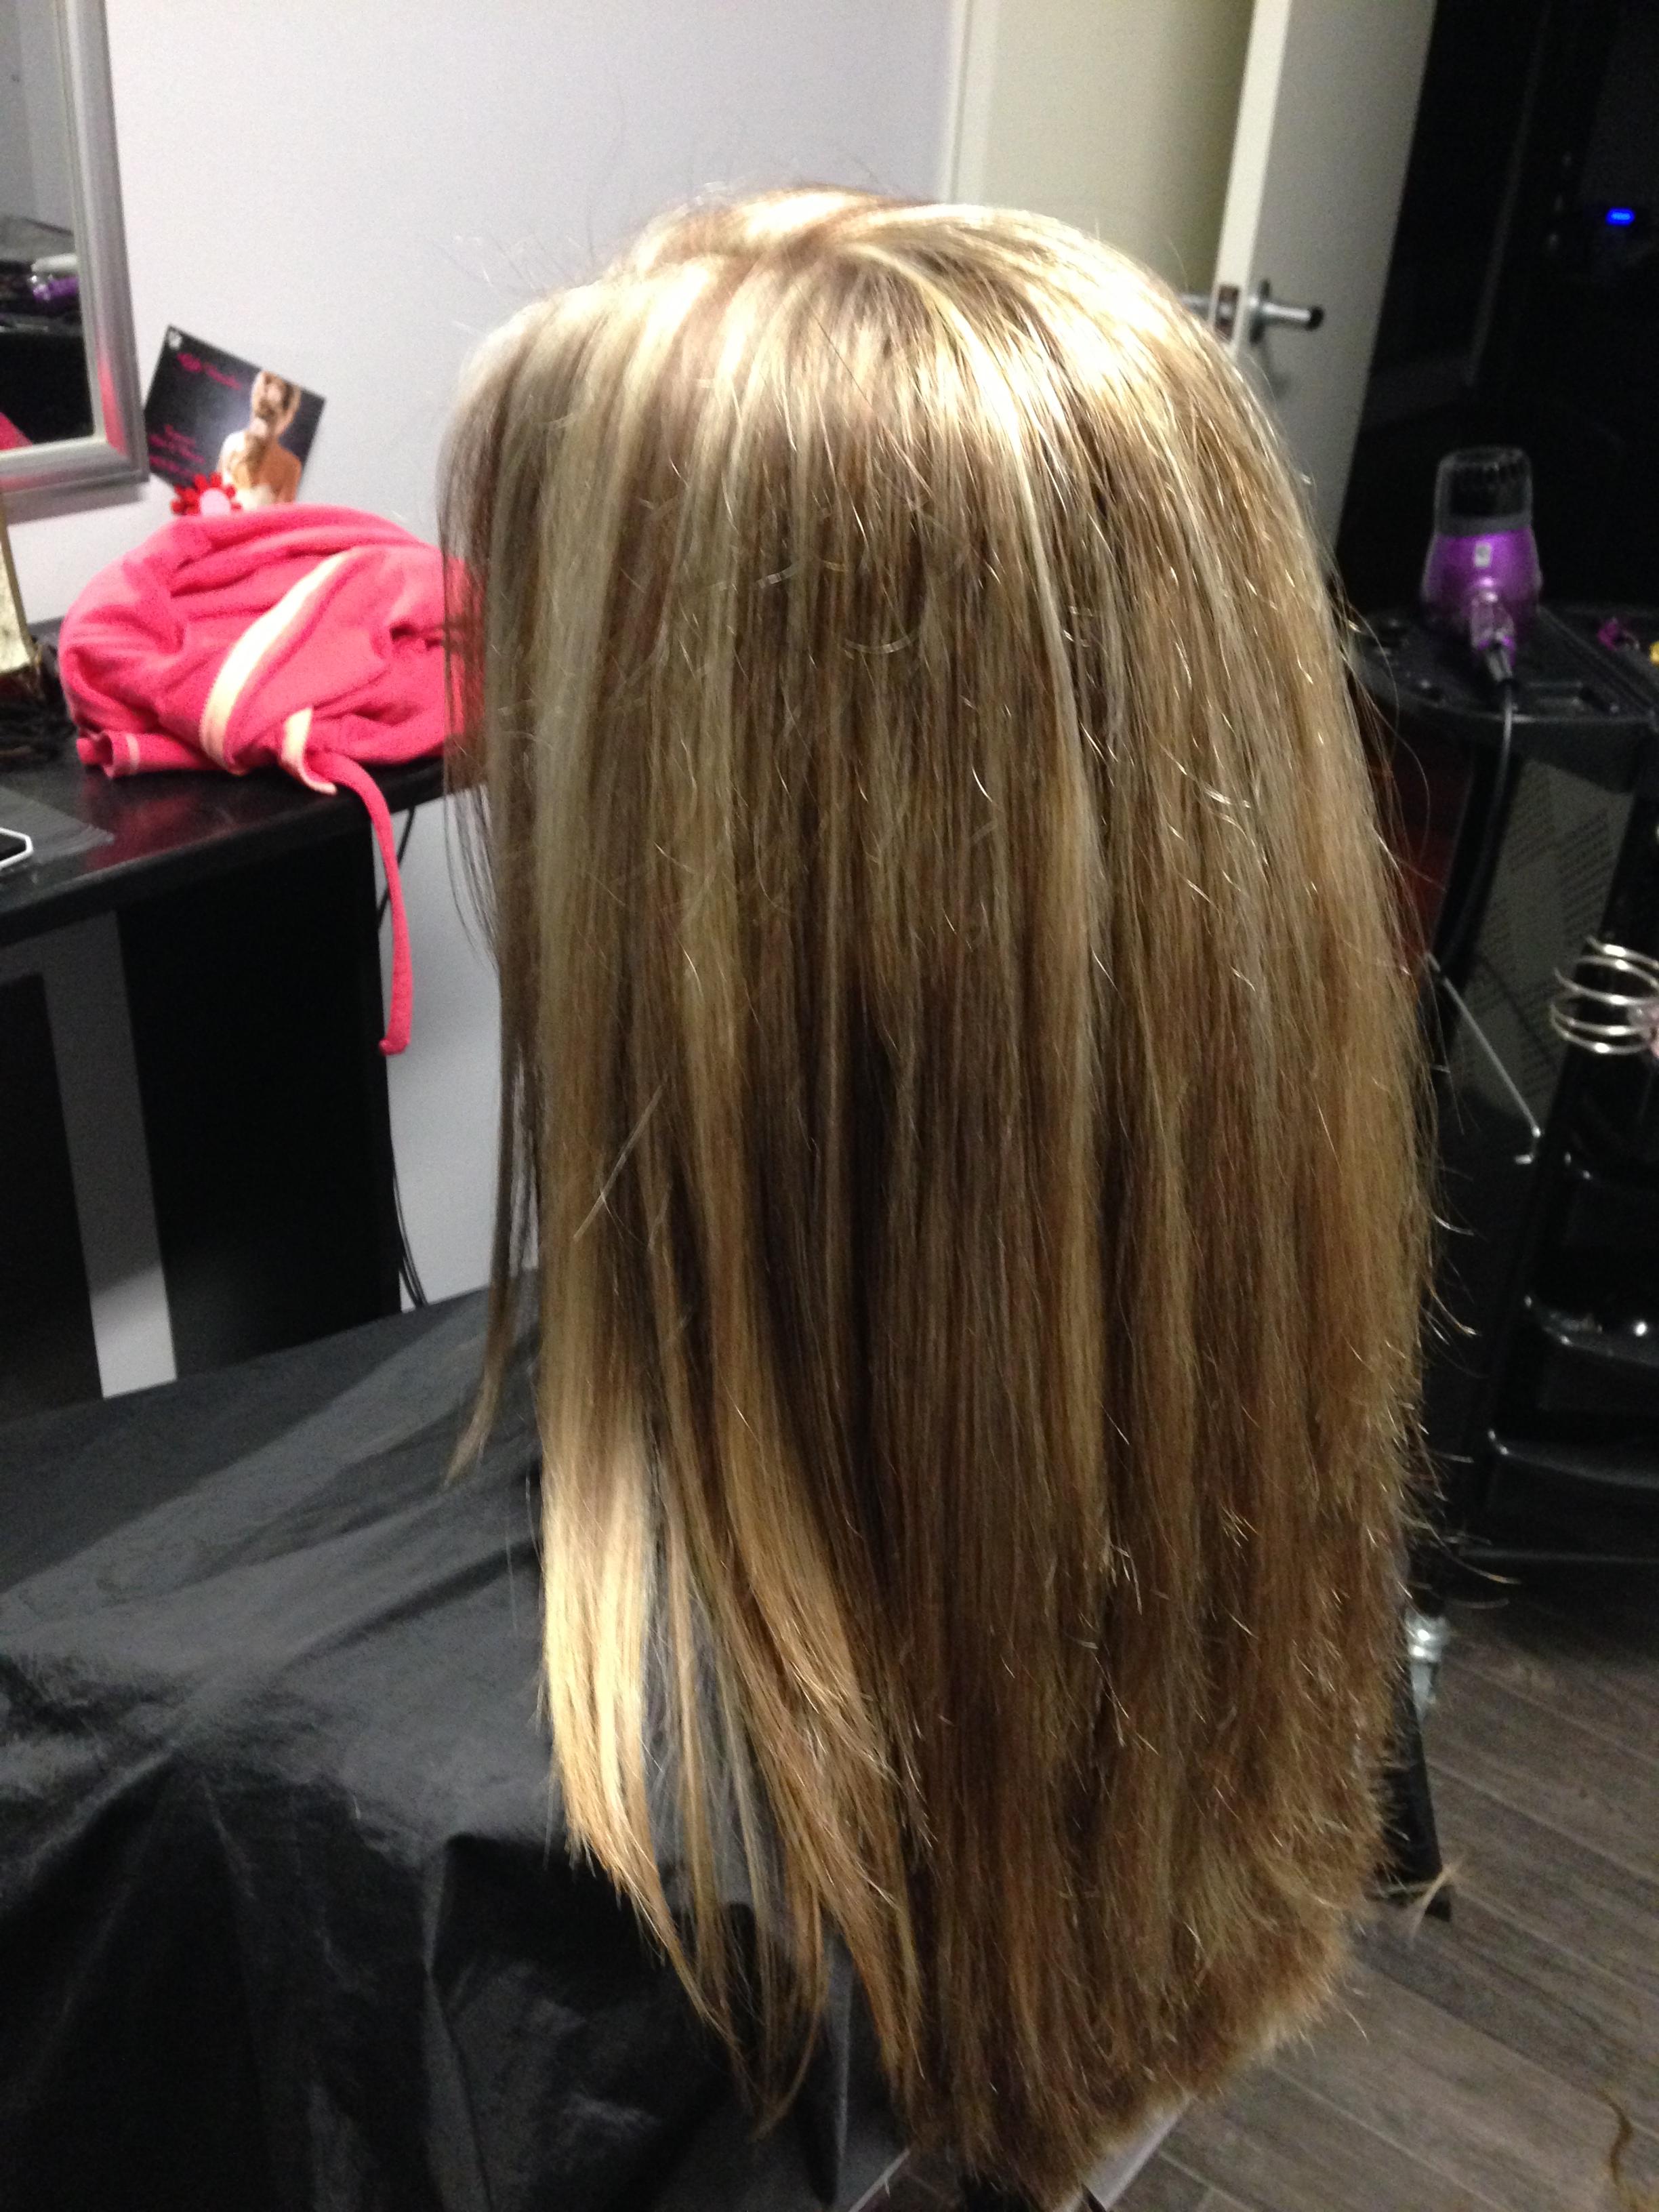 Blonde & Brunette Foils